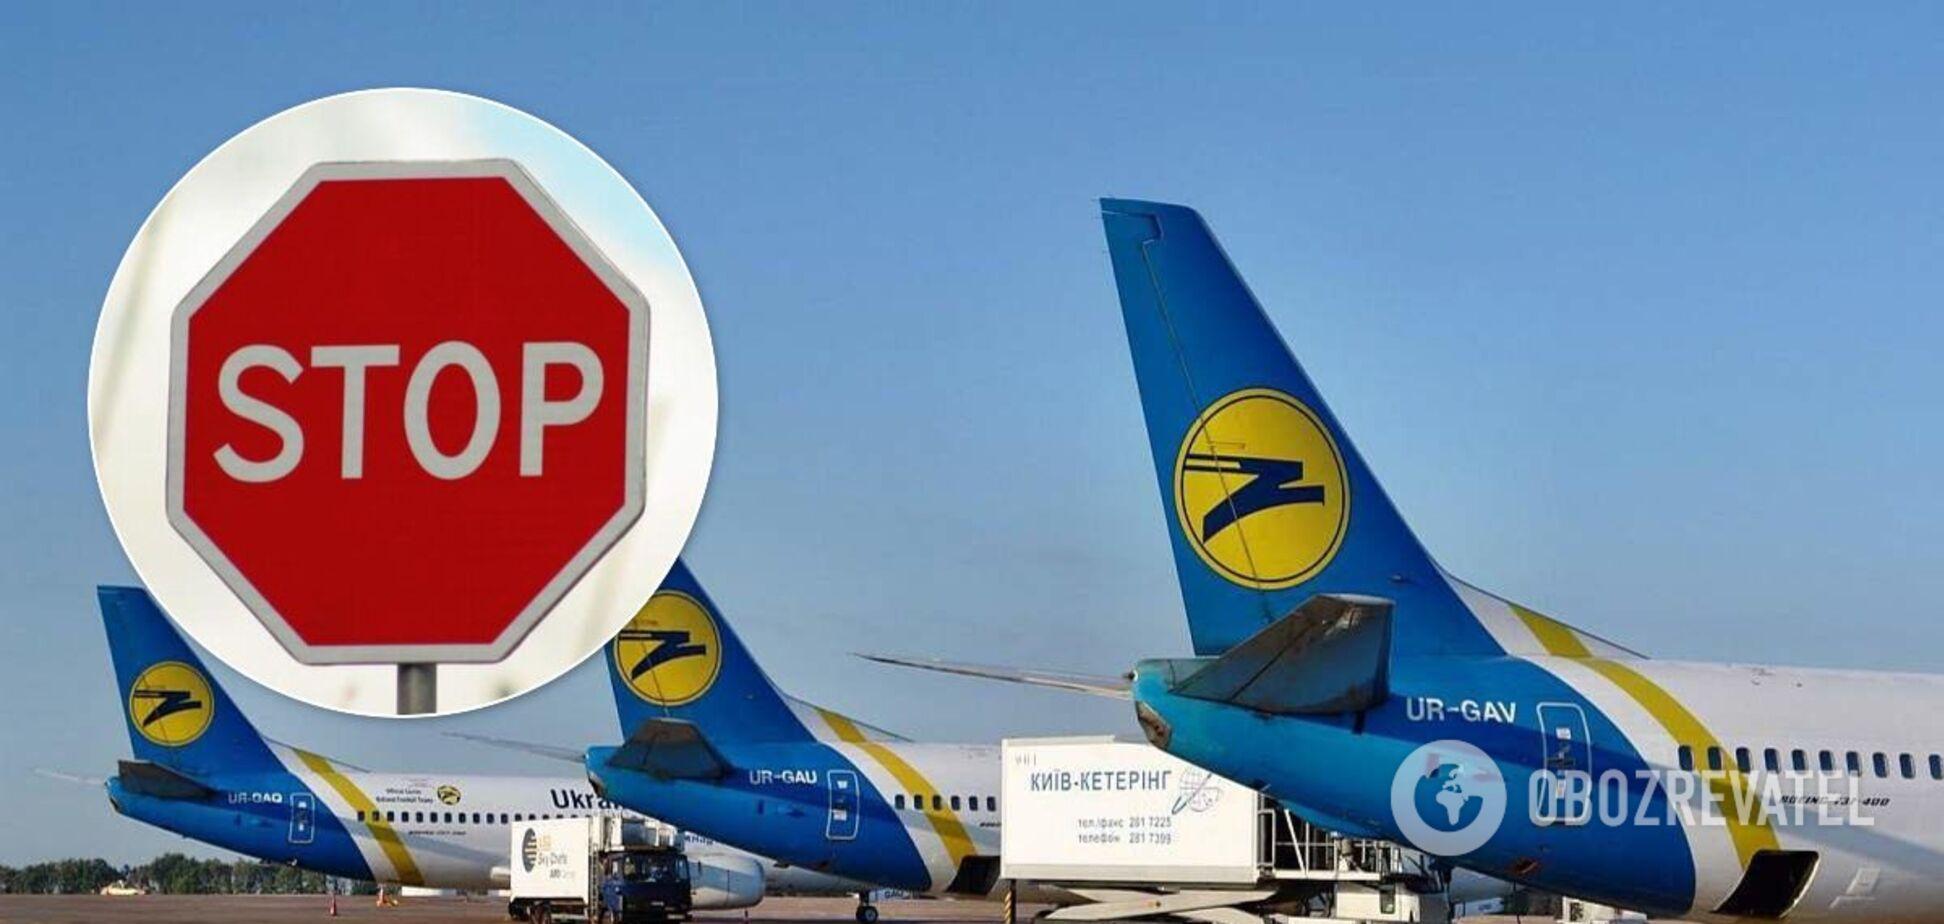 МАУ закроет ряд рейсов из-за запрета въезда иностранцев в Украину